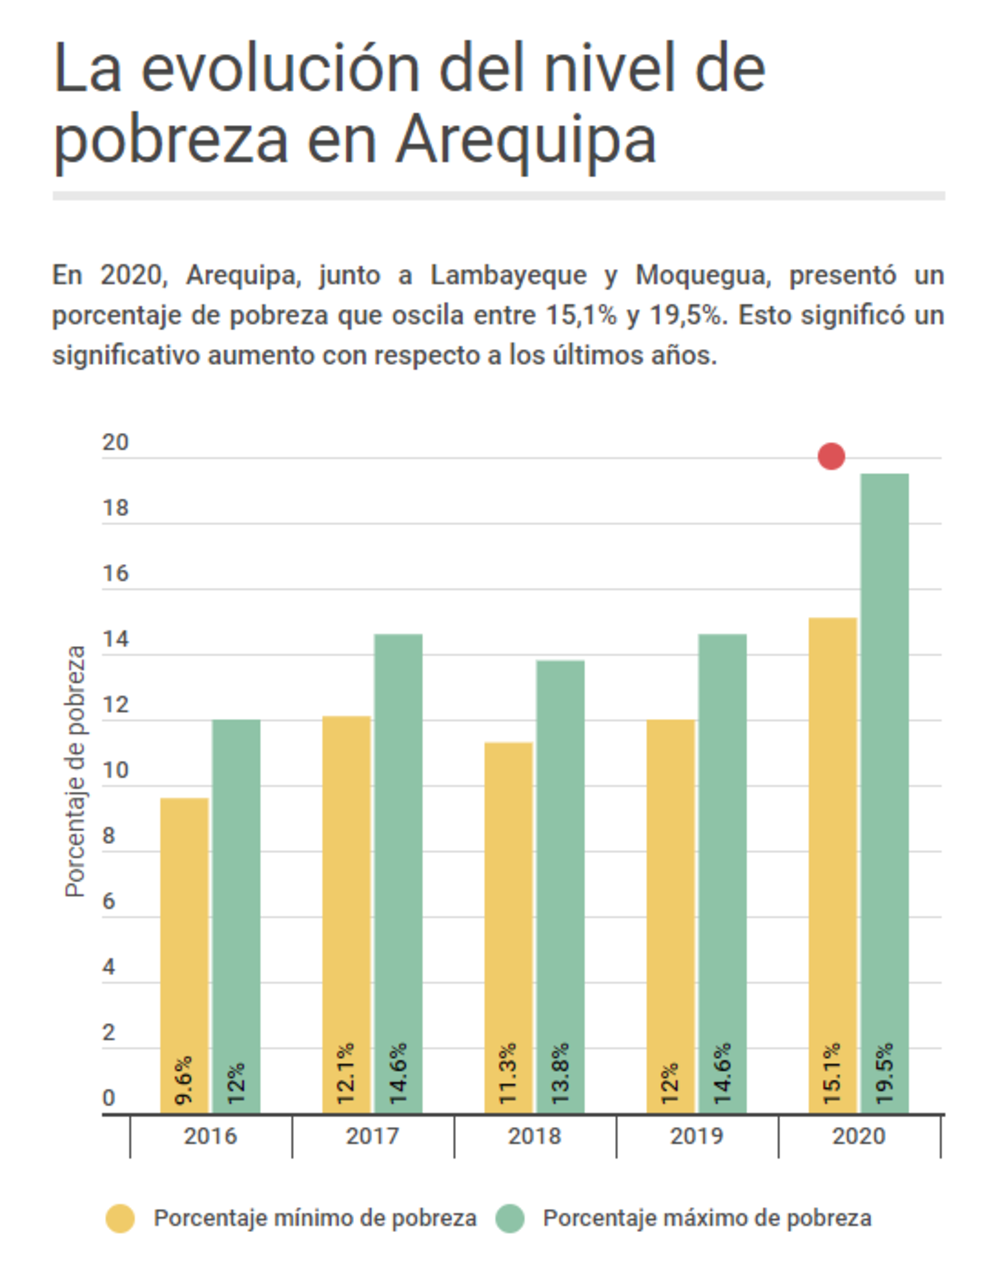 La evolución del nivel de pobreza en Arequipa